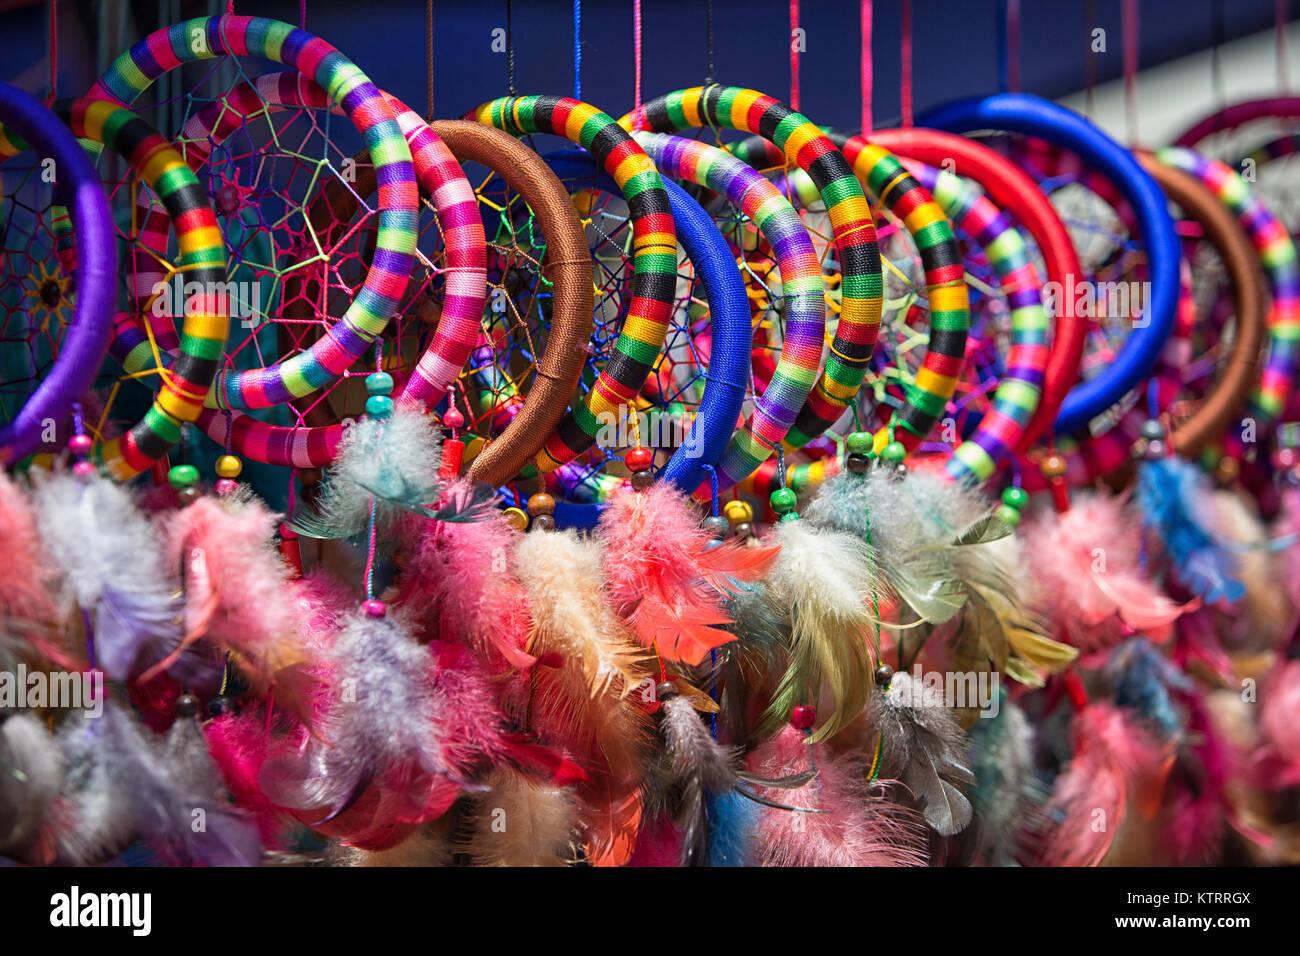 Otavalo, Ecuador - Diciembre 16, 2017: Coloridas artesanías indígenas en el mercado artesanal Sábado Imagen De Stock